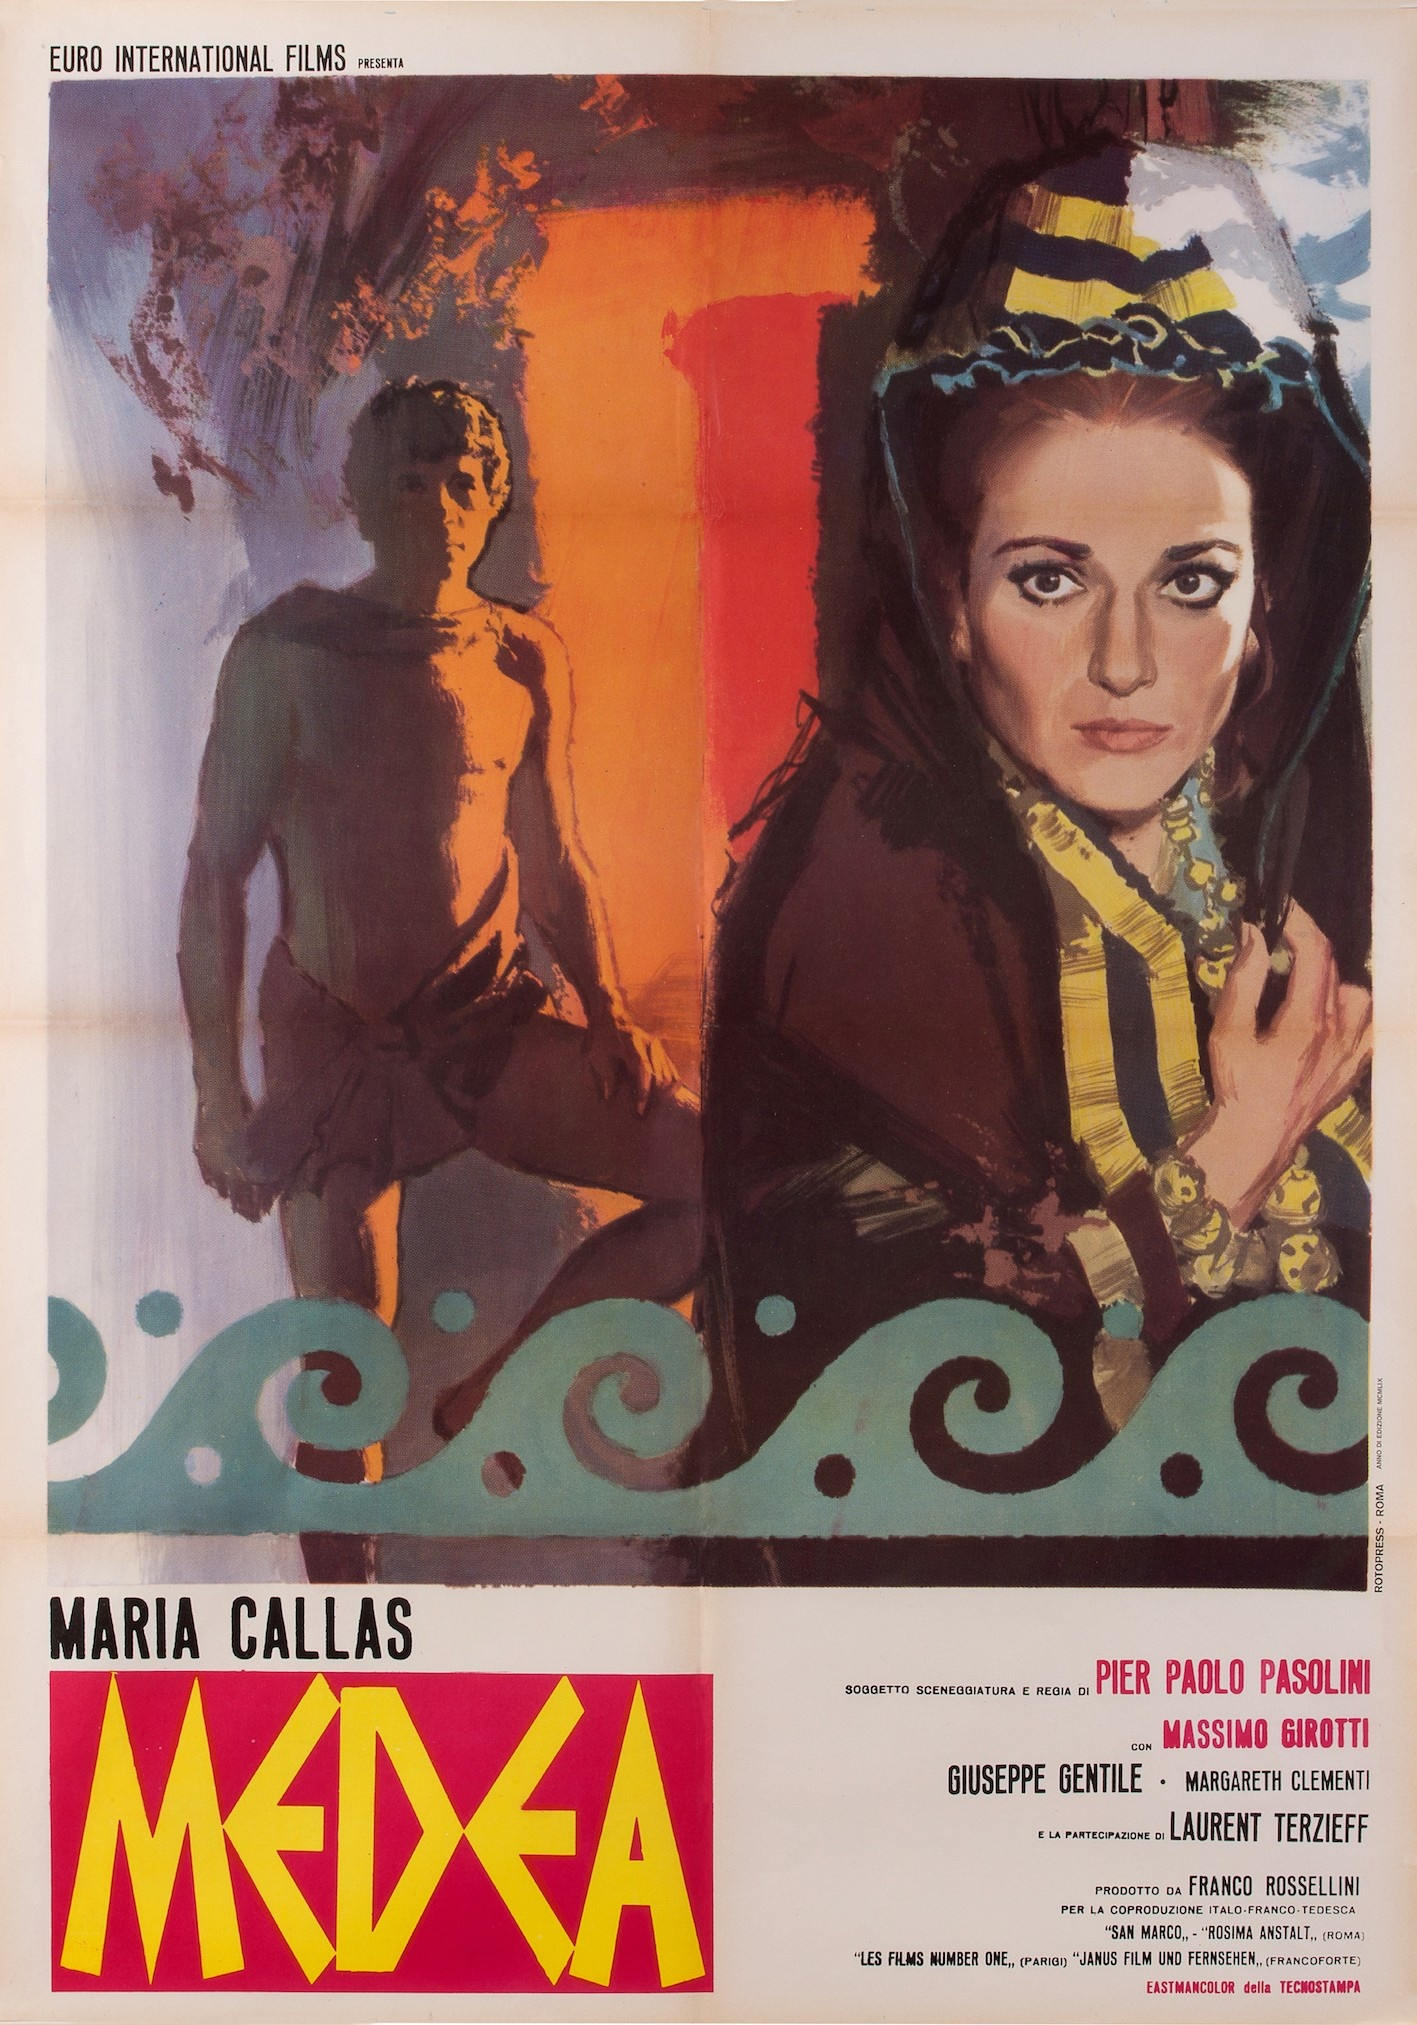 Grado, l'Isola del Sole rende omaggio a Pier Paolo Pasolini, Maria Callas e Medea